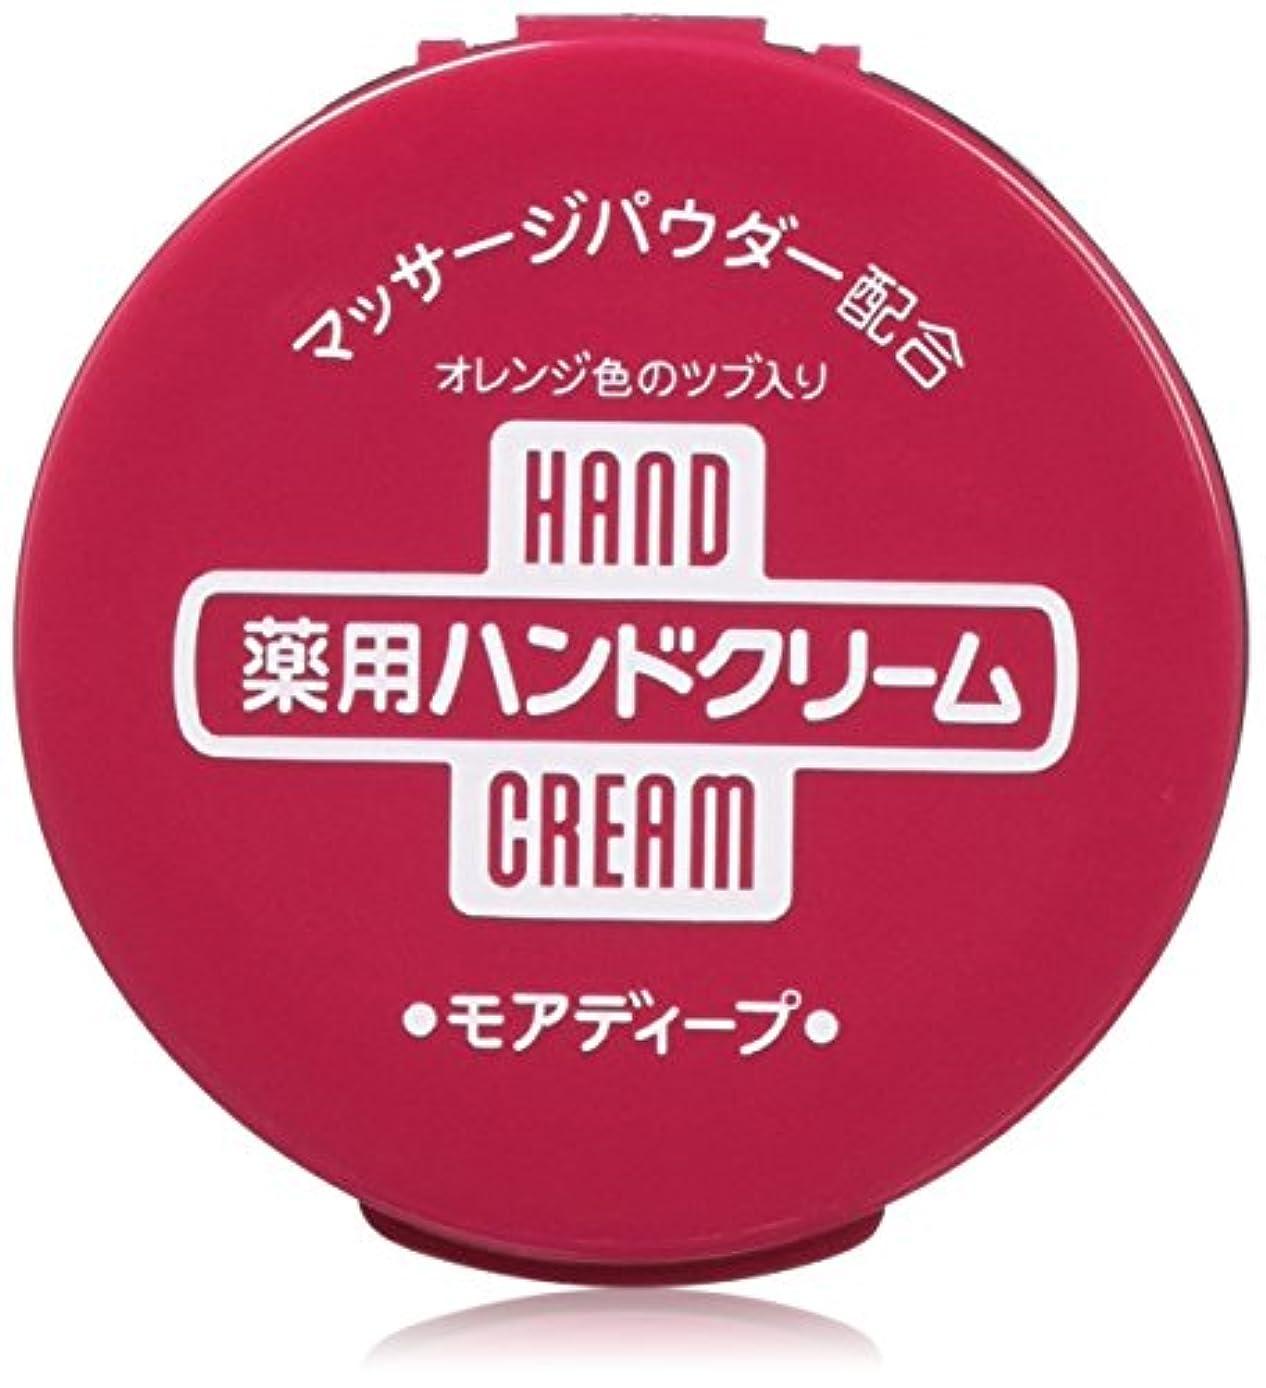 クックコインランドリー国際【まとめ買い】薬用ハンドクリーム モアディープ 100g×12個